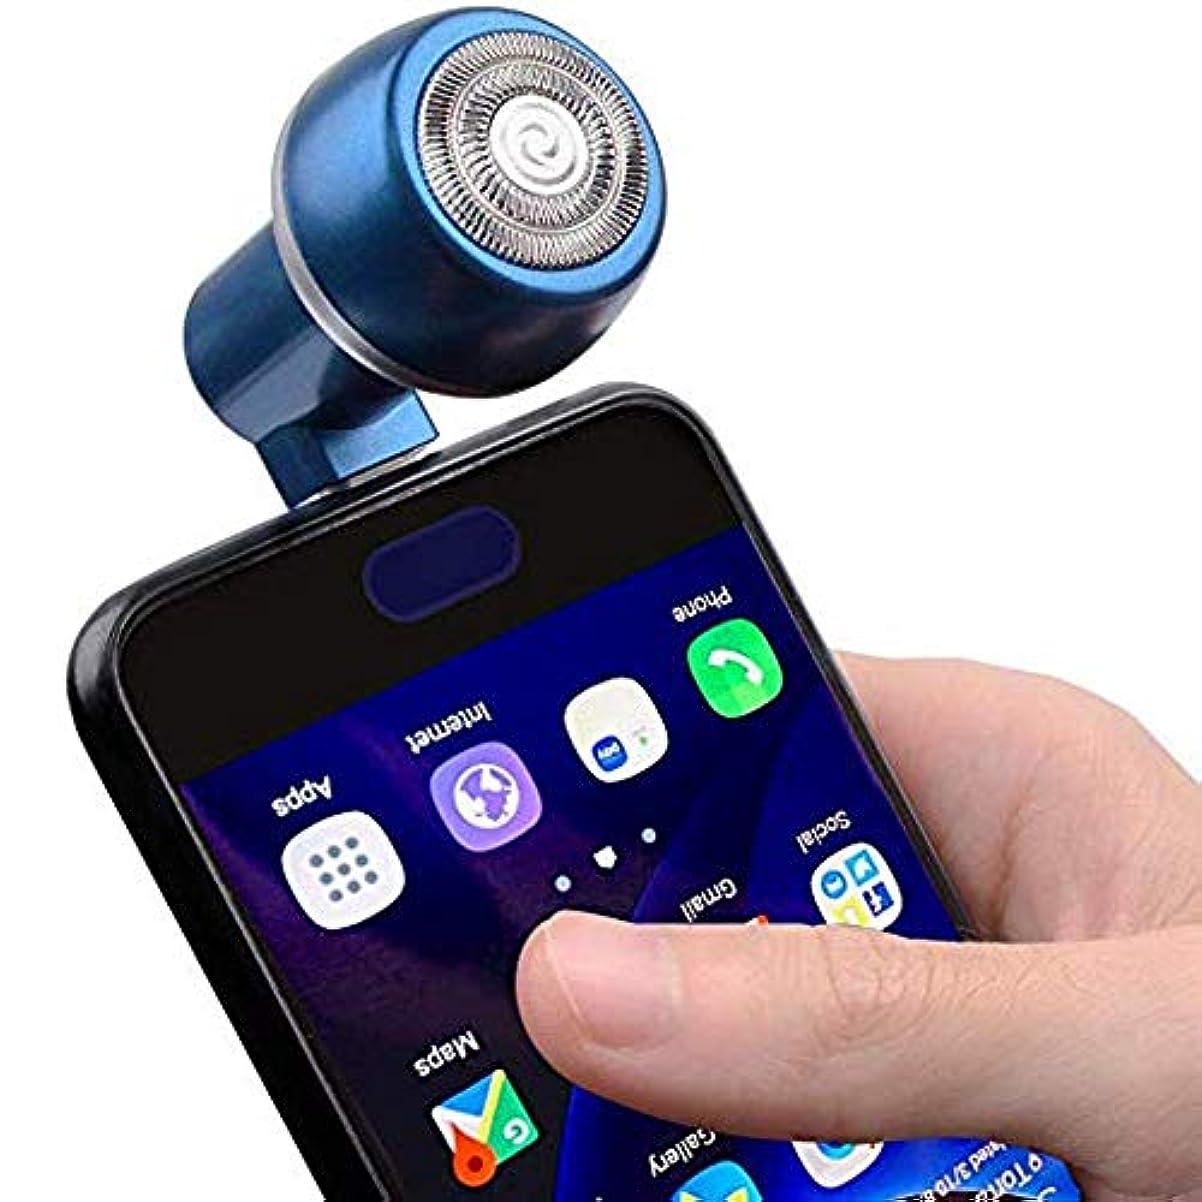 士気同等の怒りアネラ電気シェーバーかみそり男性女性、旅行ヘアトリマーポータブルミニ磁気吸引電話かみそり(マイクロ+ usb)1ピース